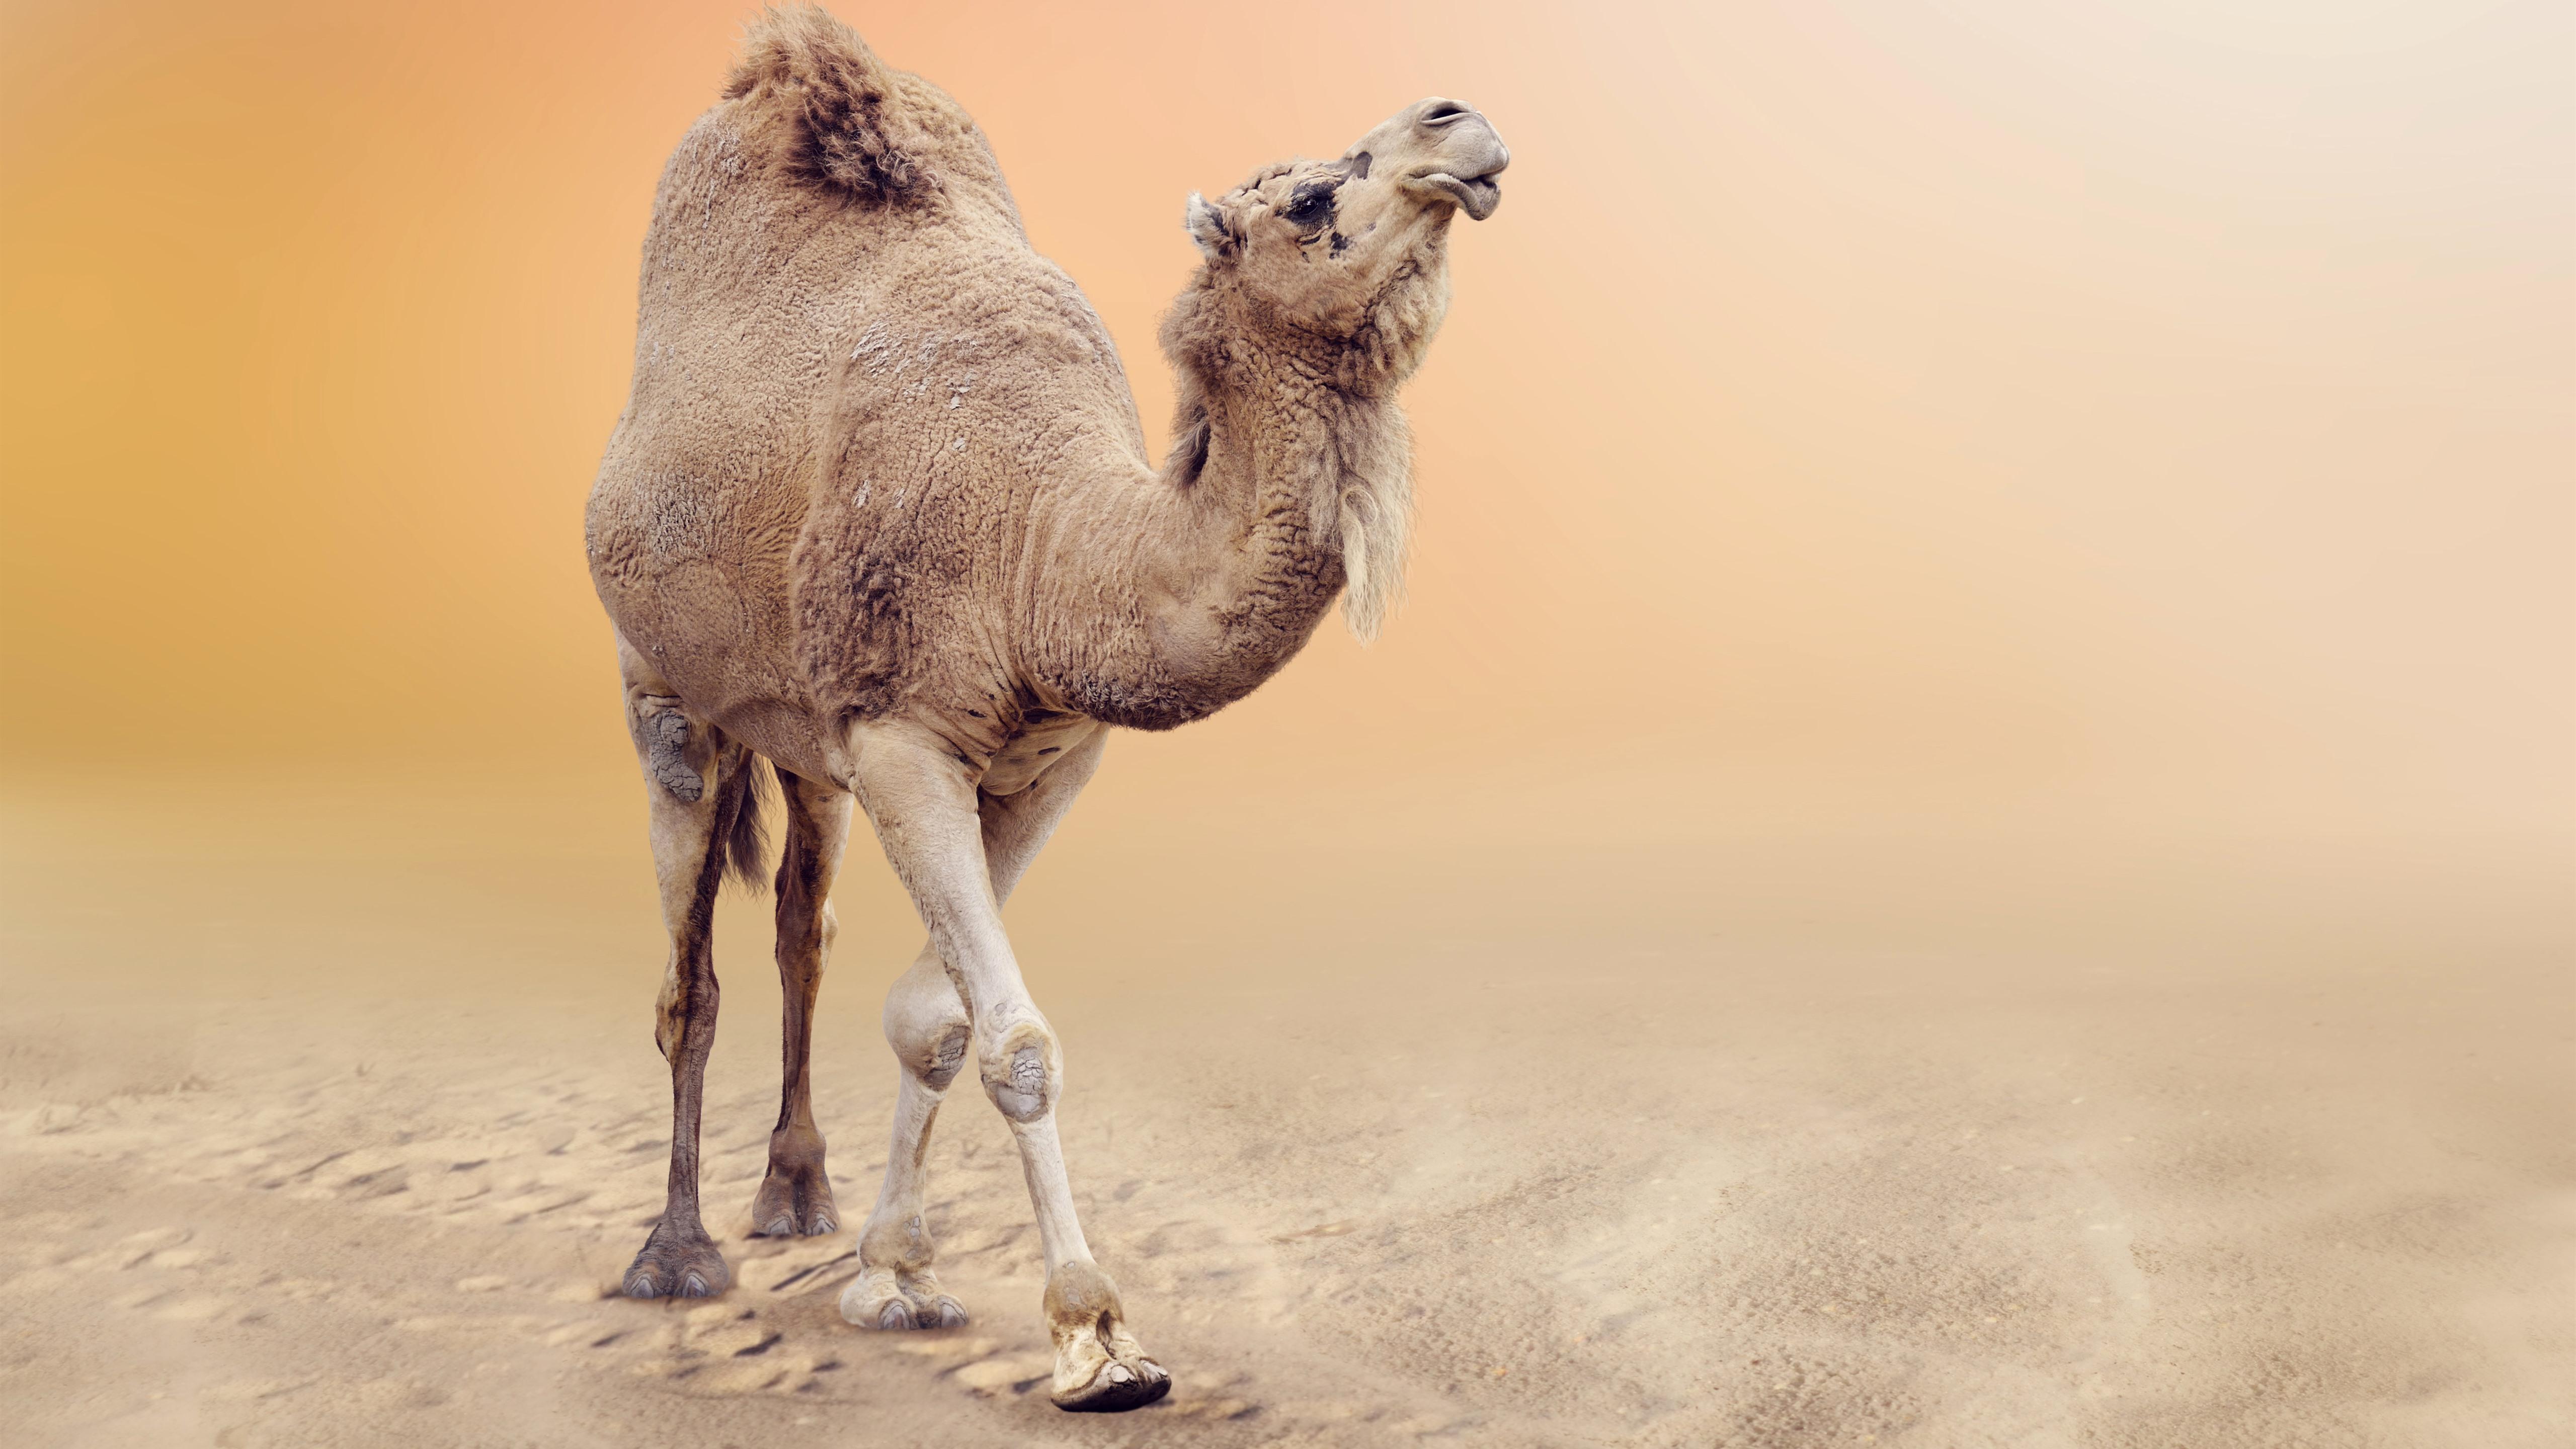 мотивирующие постер пустыня и верблюды и люди что опыт альфонса